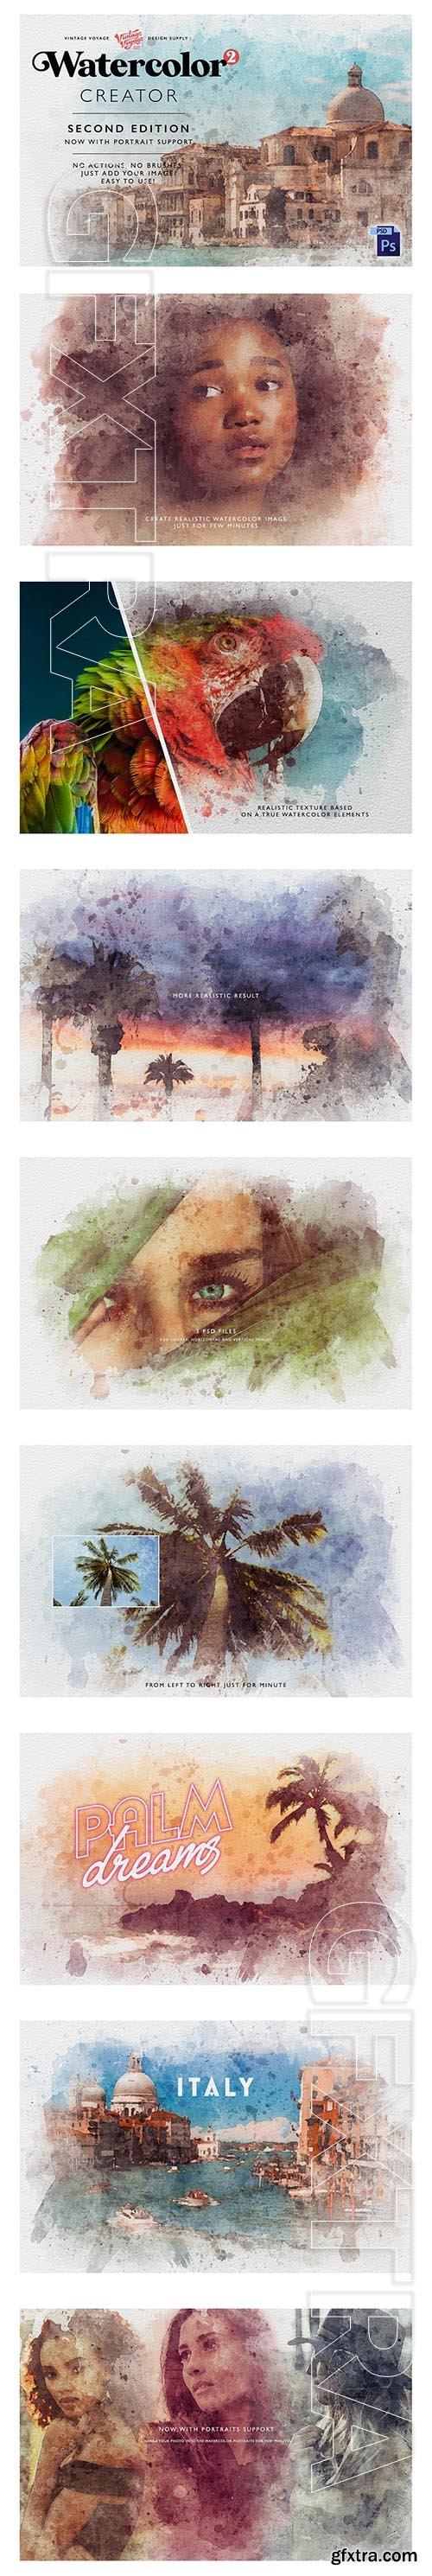 CreativeMarket - Watercolor Creator • Second Edition 3924431